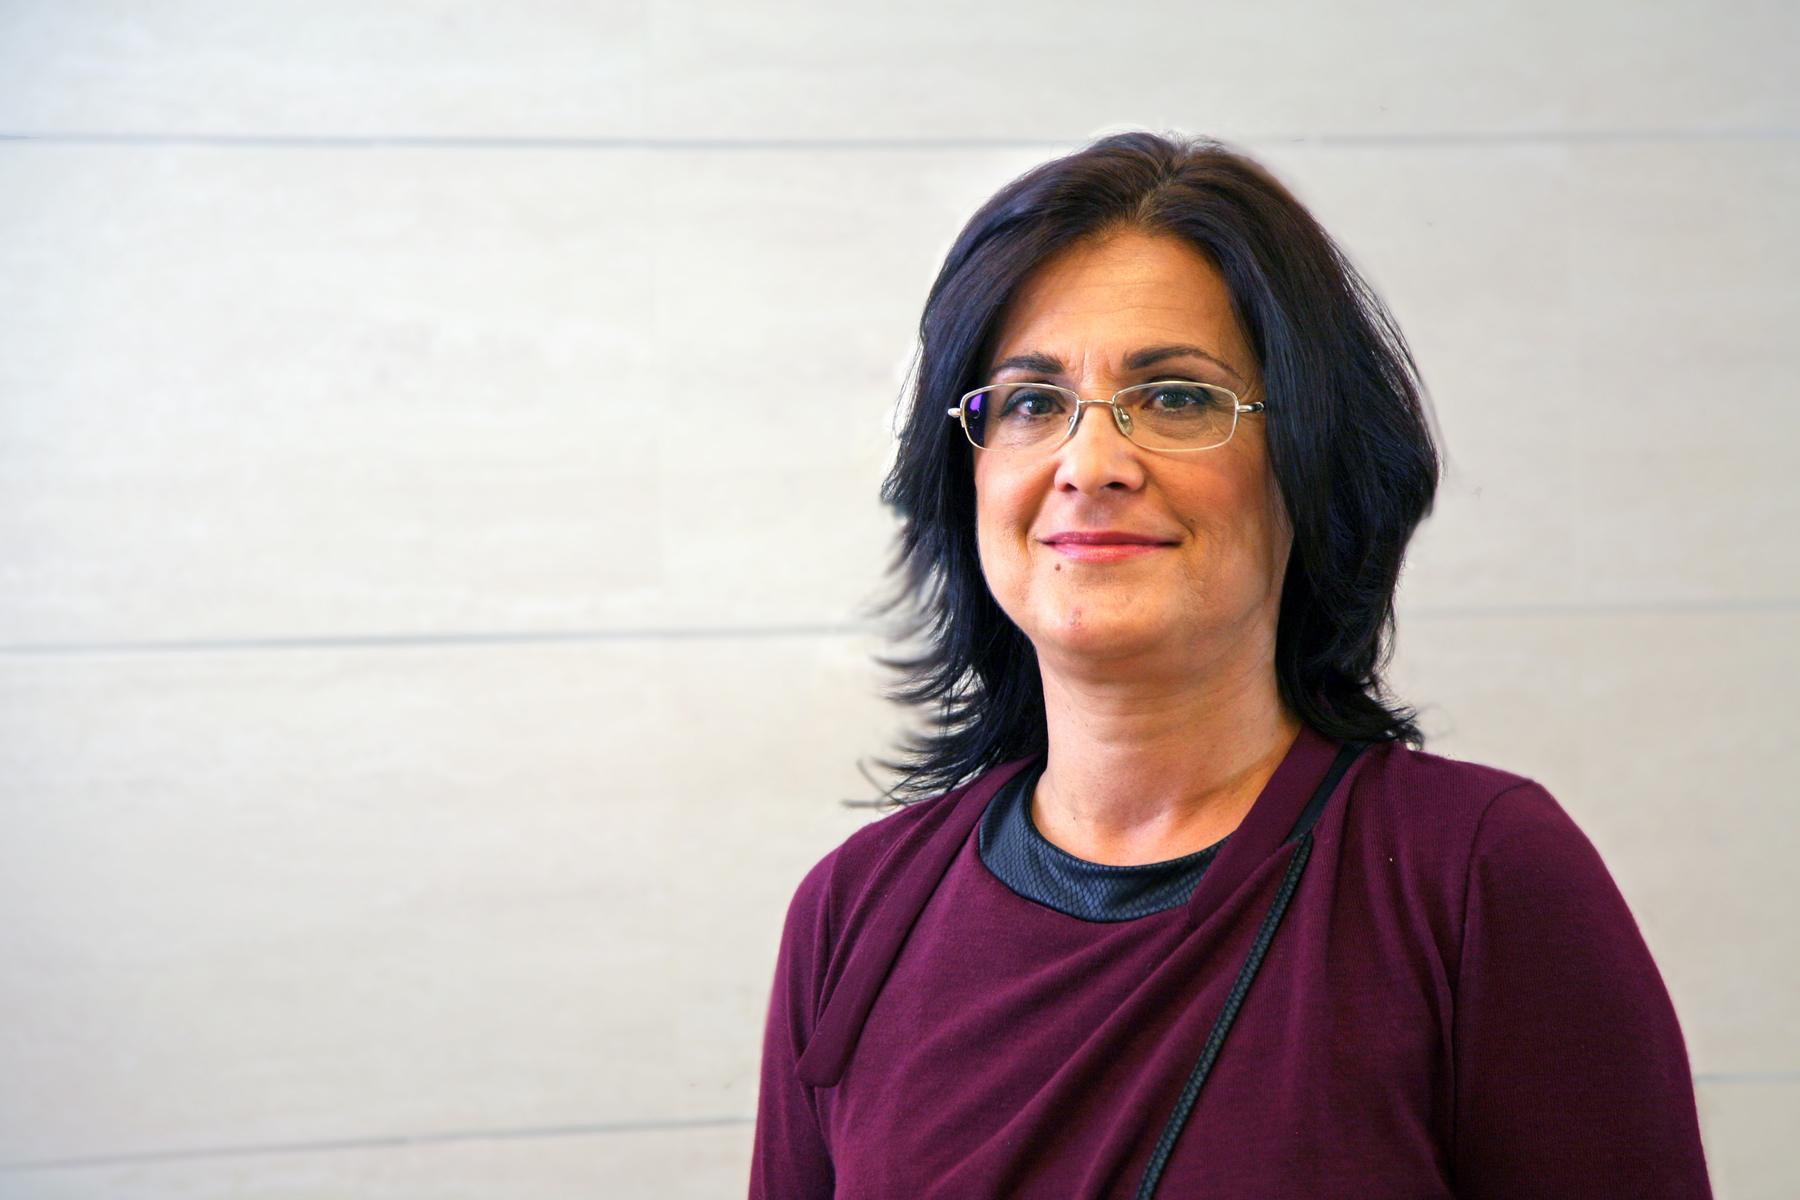 Anna Farinella